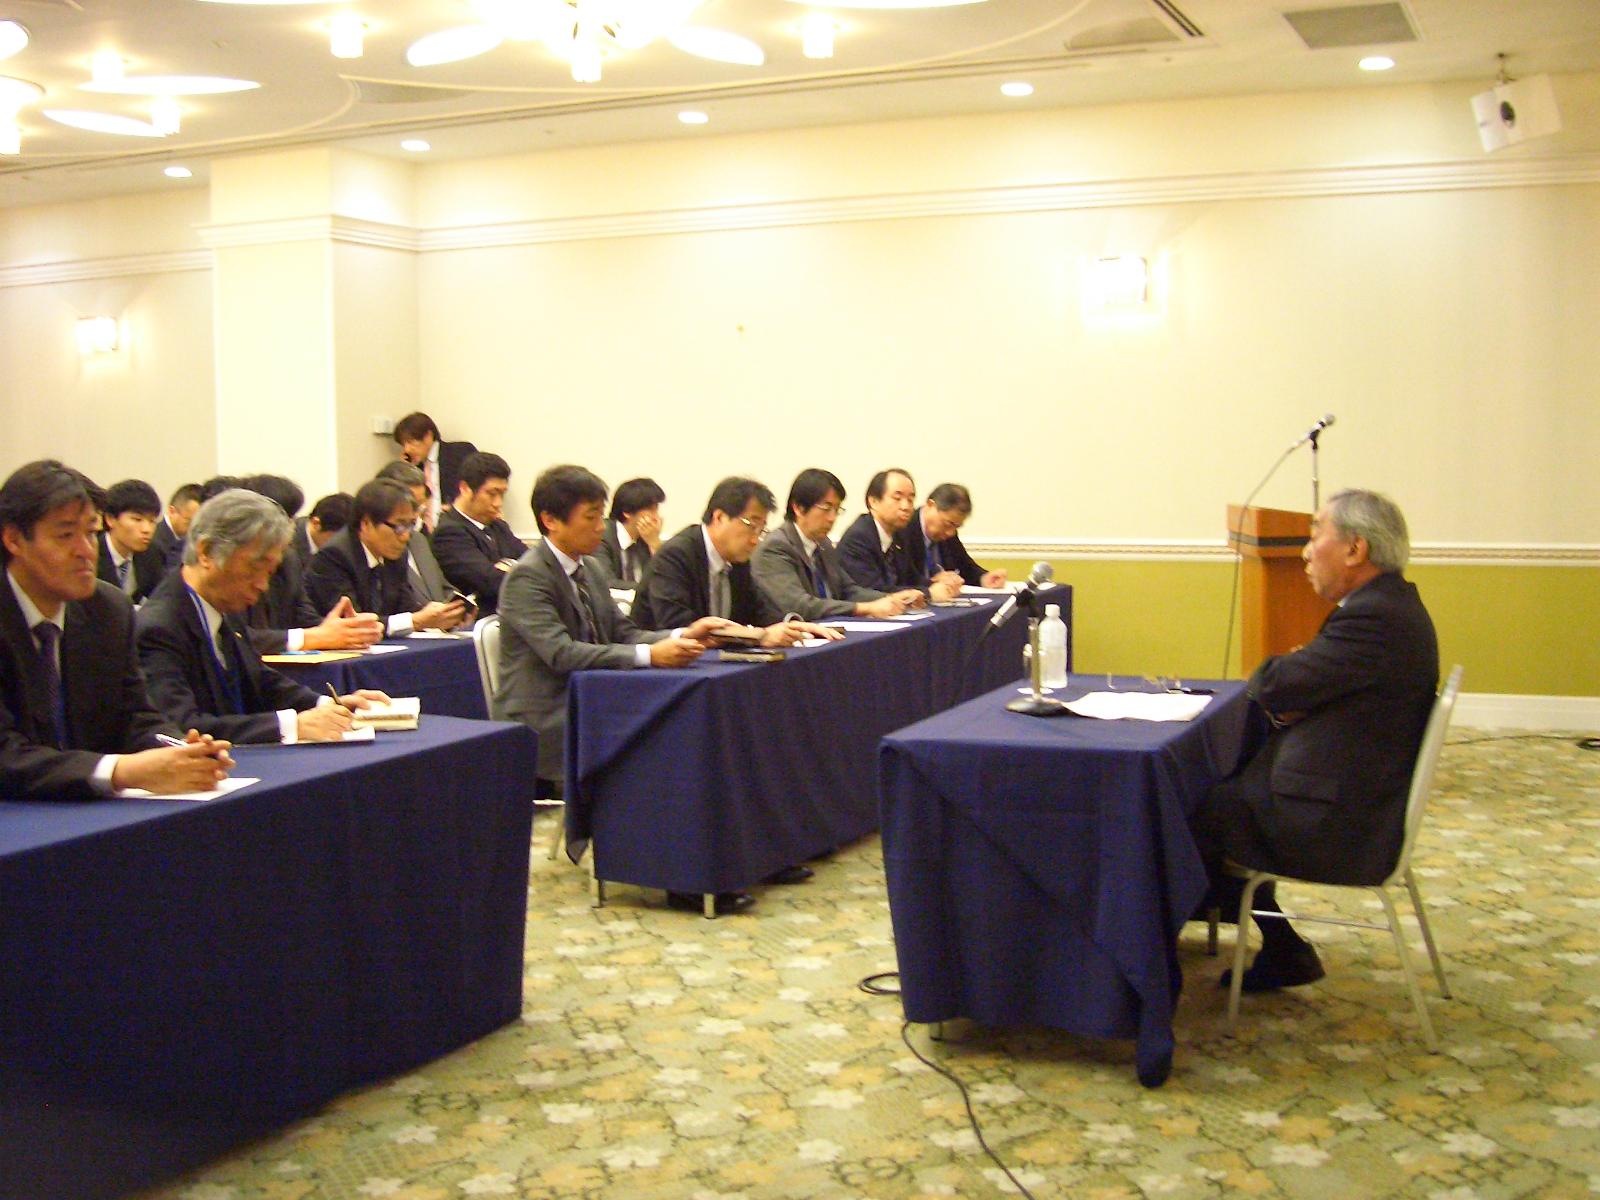 平成27年度「期中進捗状況会議」が開催されました。